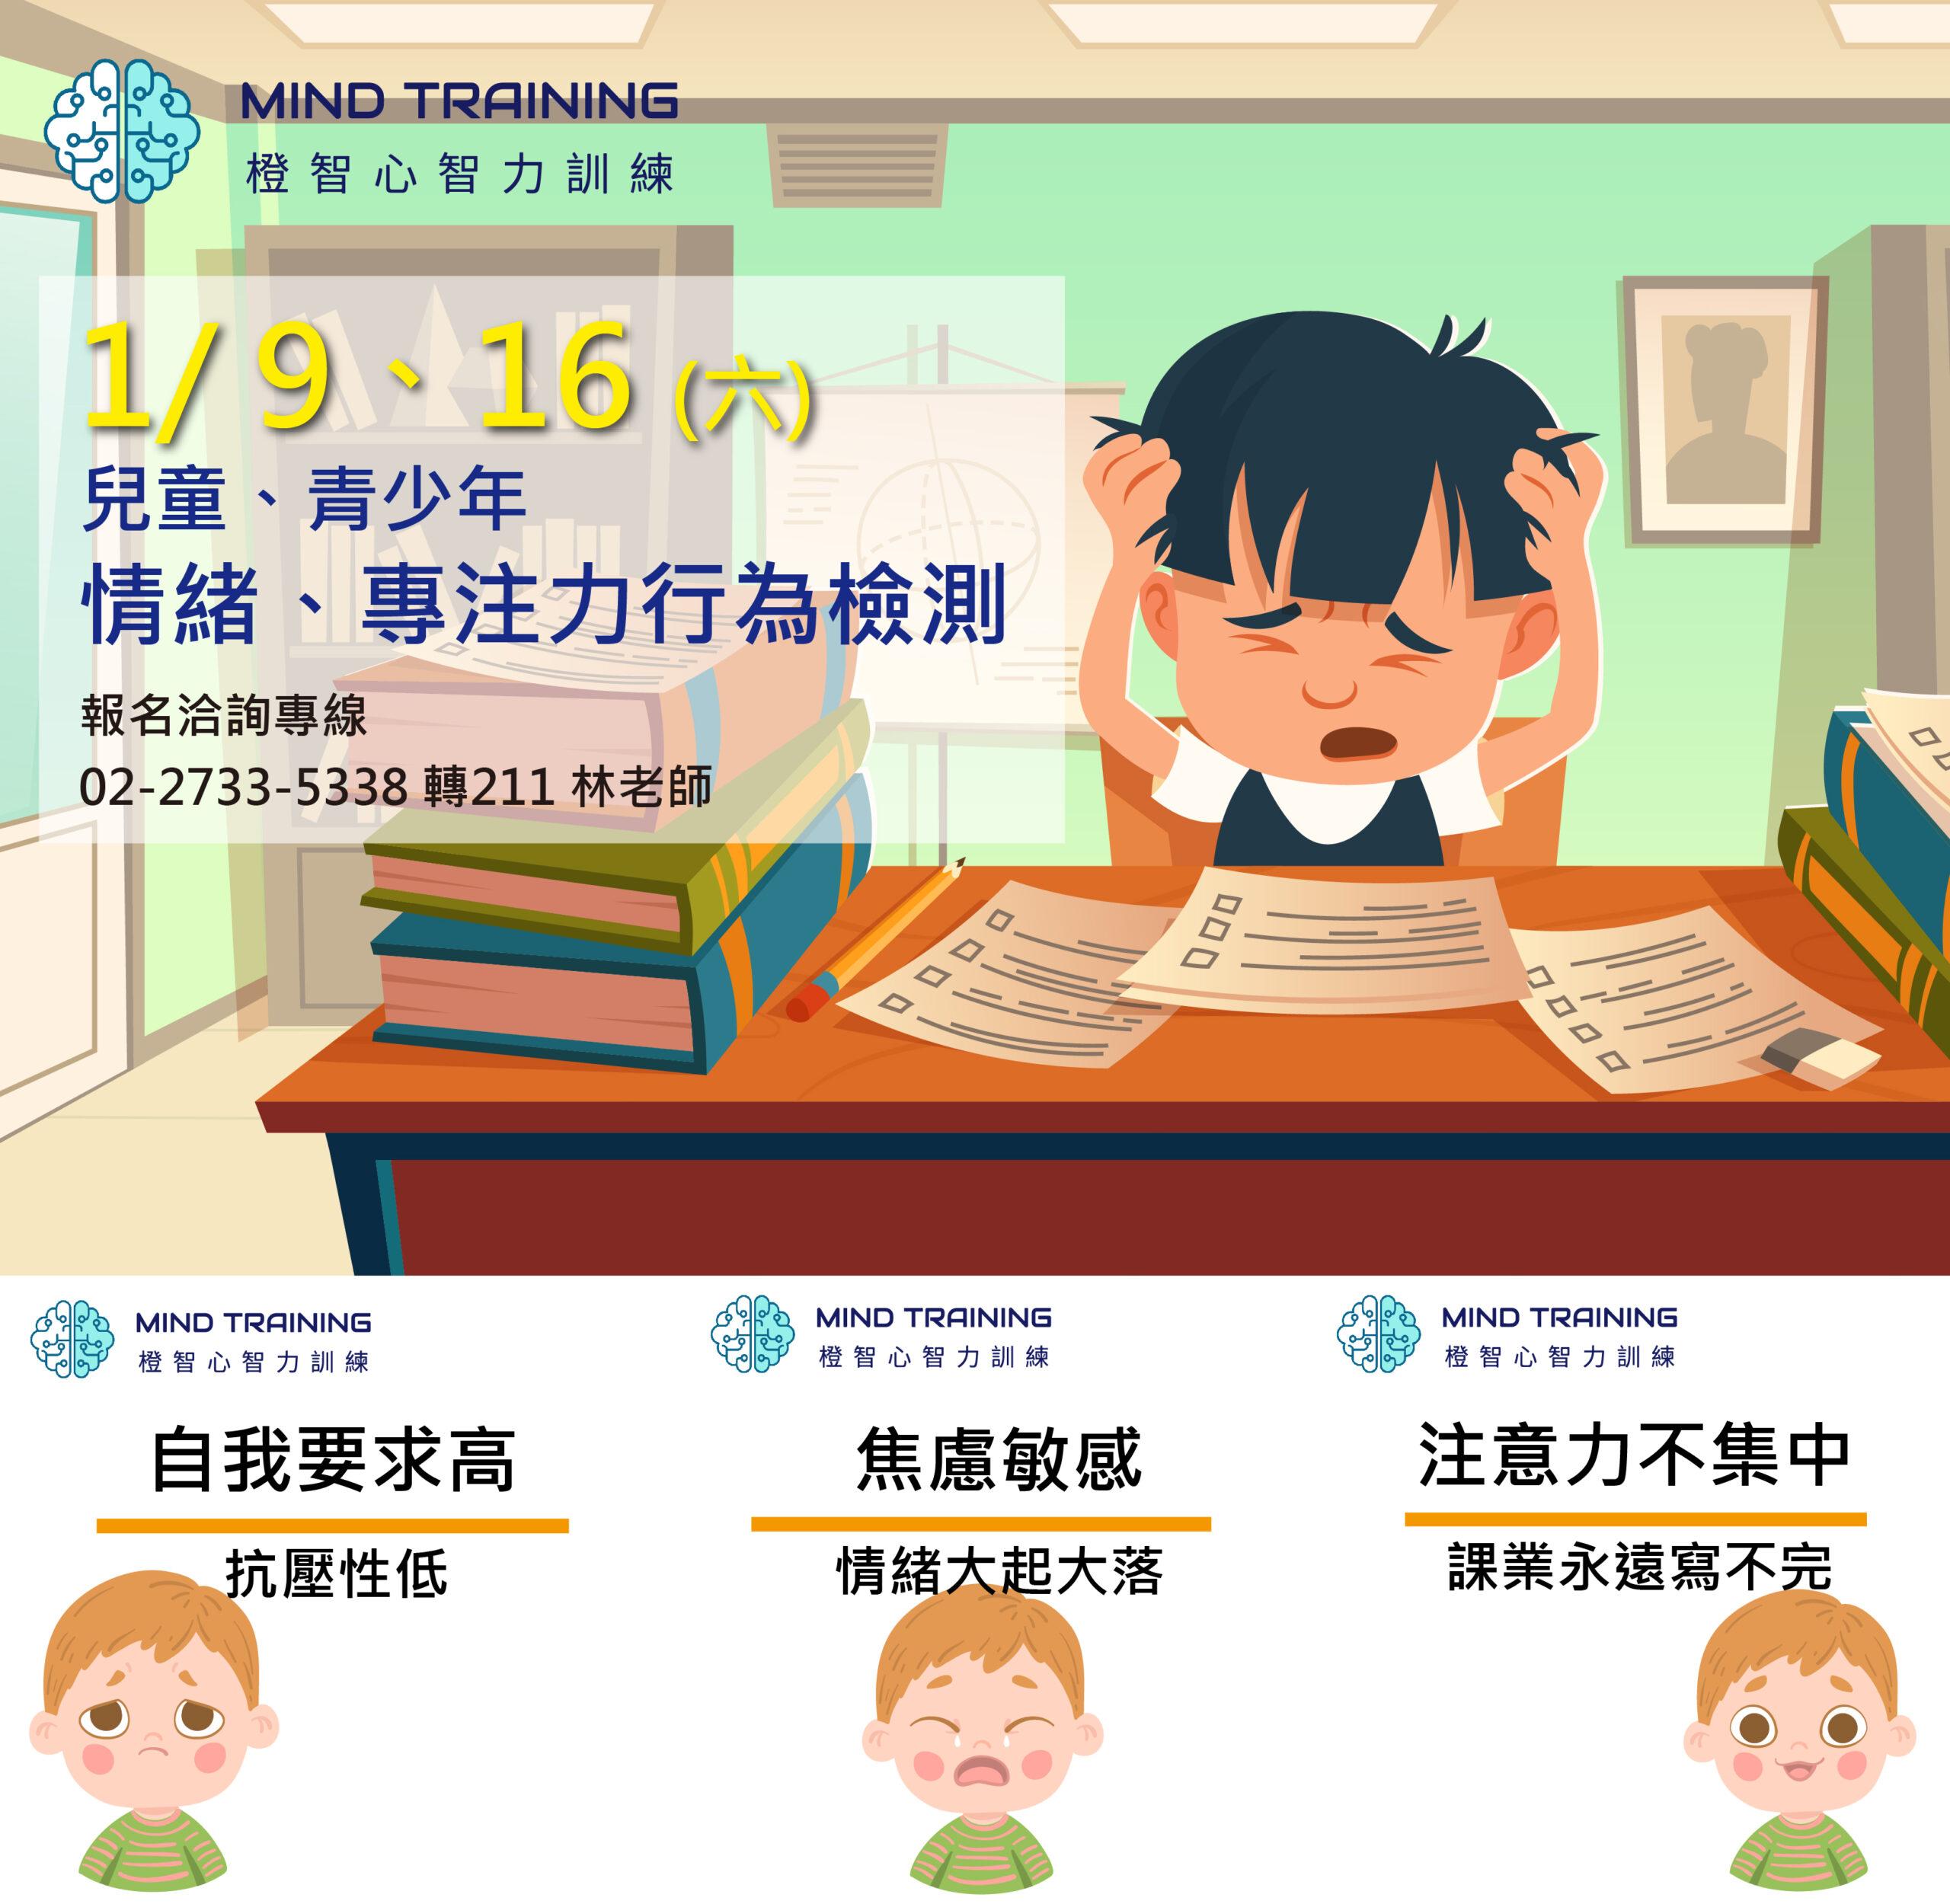 【台北場】1/09、16兒童/青少年情緒、專注力行為檢測